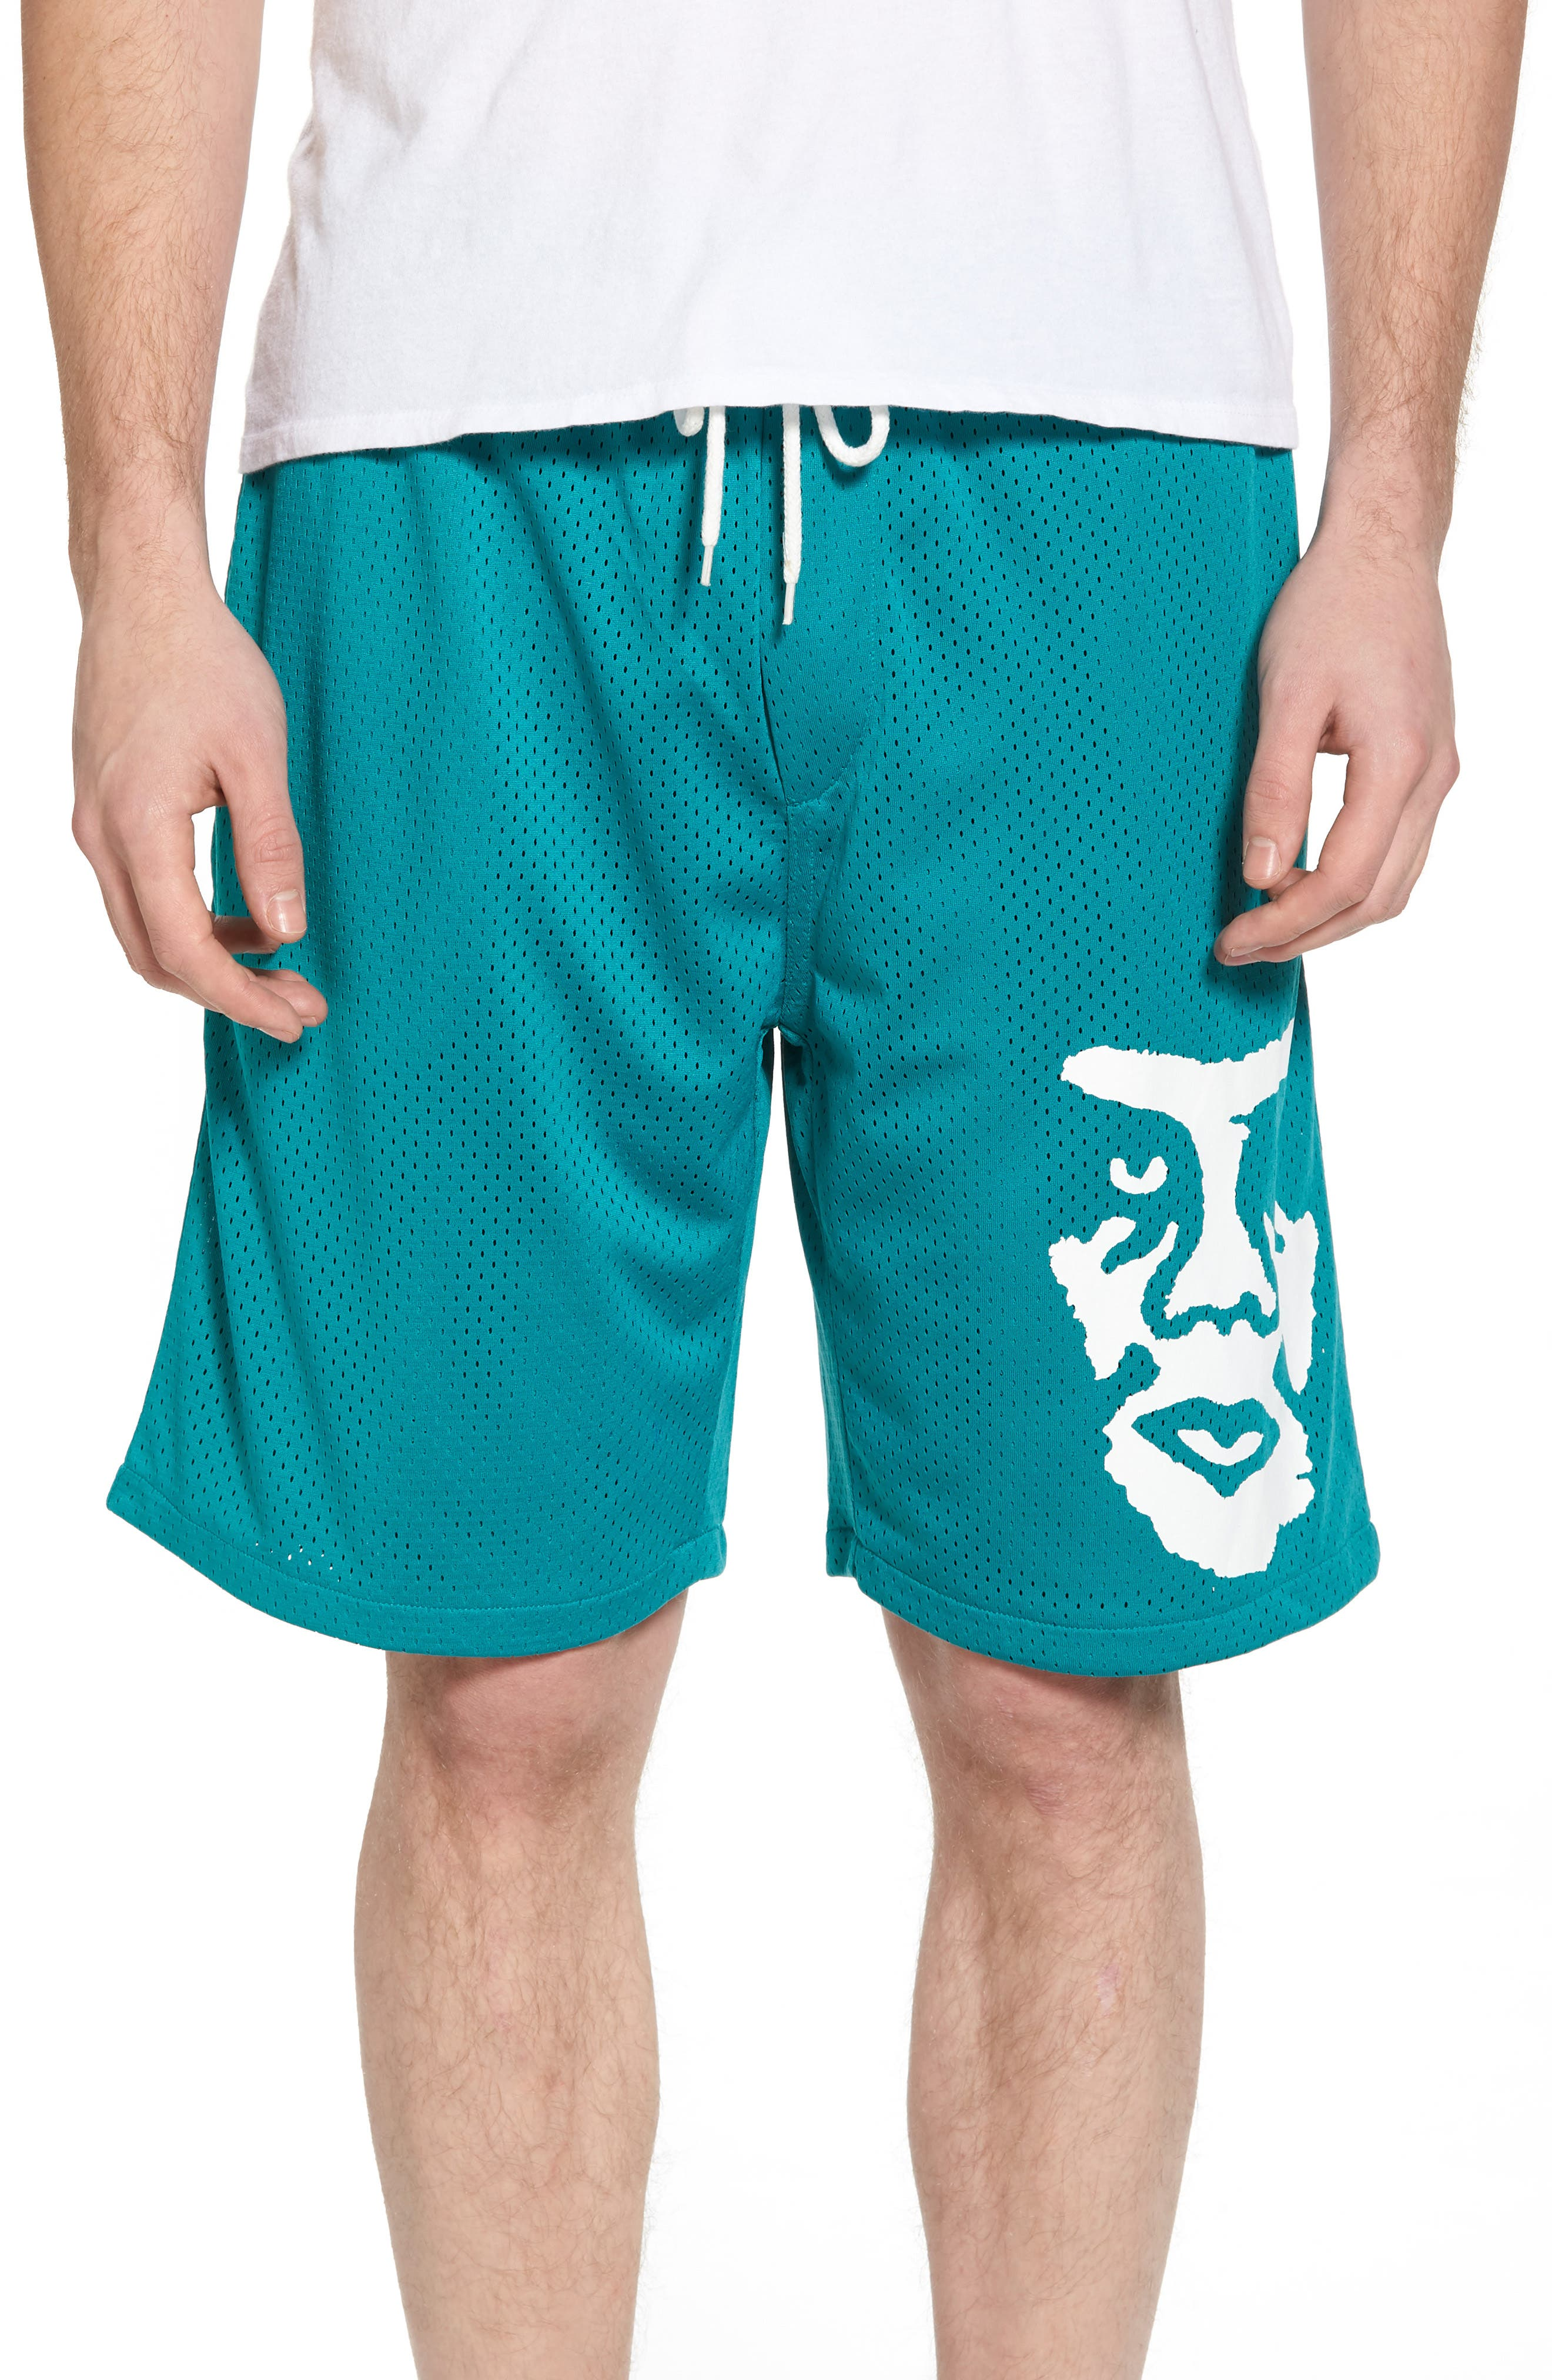 O.P.E. Athletic Shorts,                         Main,                         color, Teal